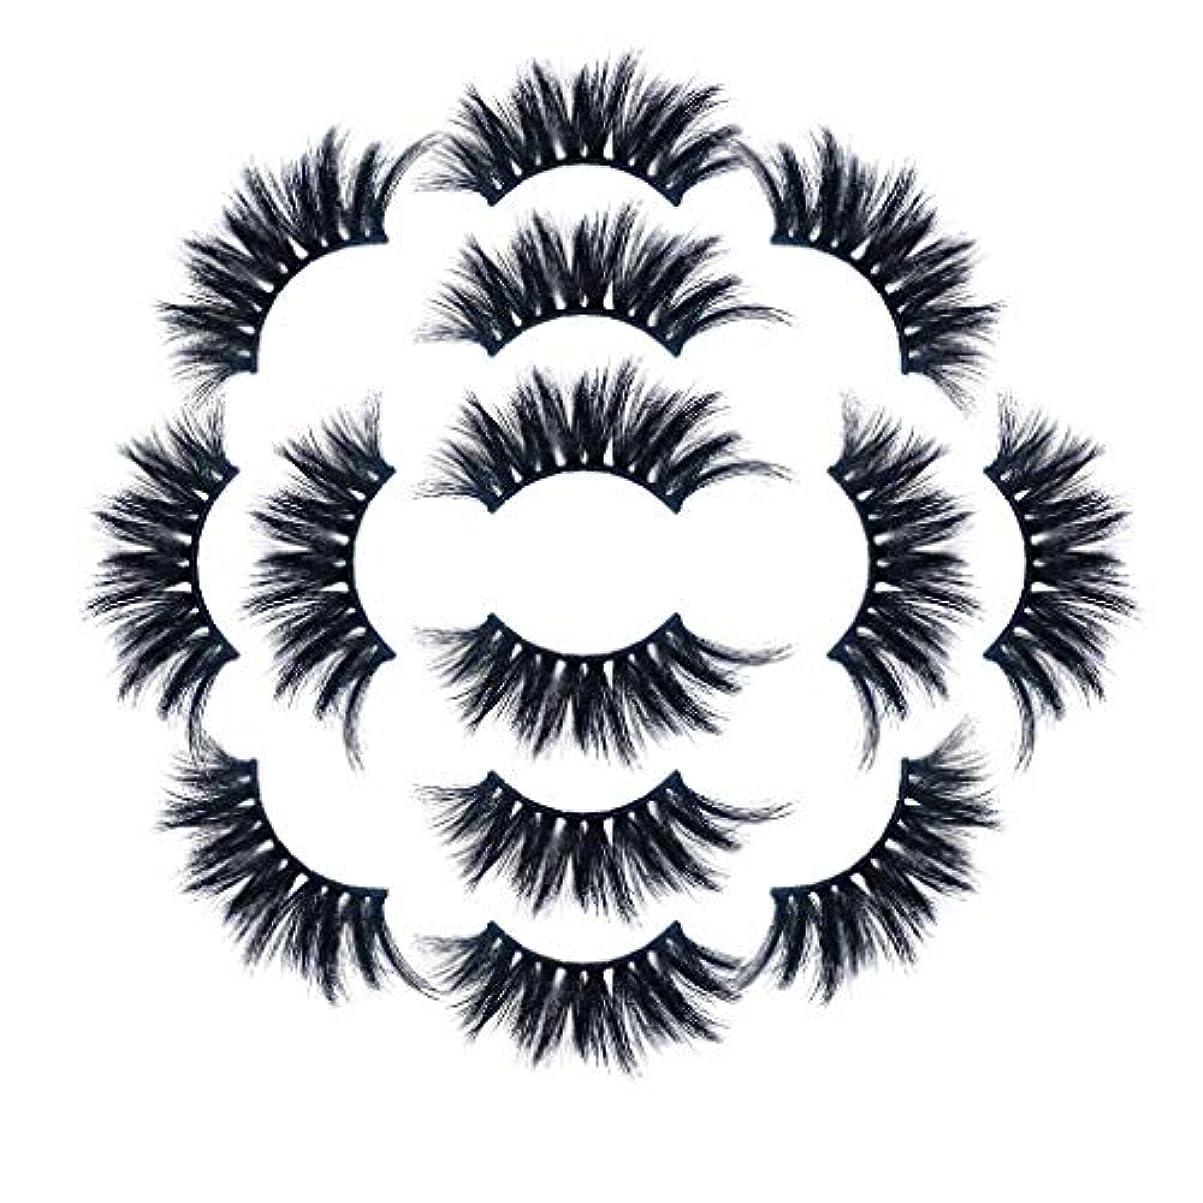 寄り添う条約ベッドを作るつけまつげ 人気 つけまつげ ナチュラル LLuche 3Dミンクつけまつ毛ア グラマラスボリュームアイラッシュ ふんわりロングまつ毛 ふんわりロングまつ毛 8D濃いつけまつげ7ペア8D-016贅沢な7ペア 8Dのつけまつげのふわふわしたストリップのまつげの長い自然な党構造(黒,つけまつげ 装着簡単 綺麗 極薄)